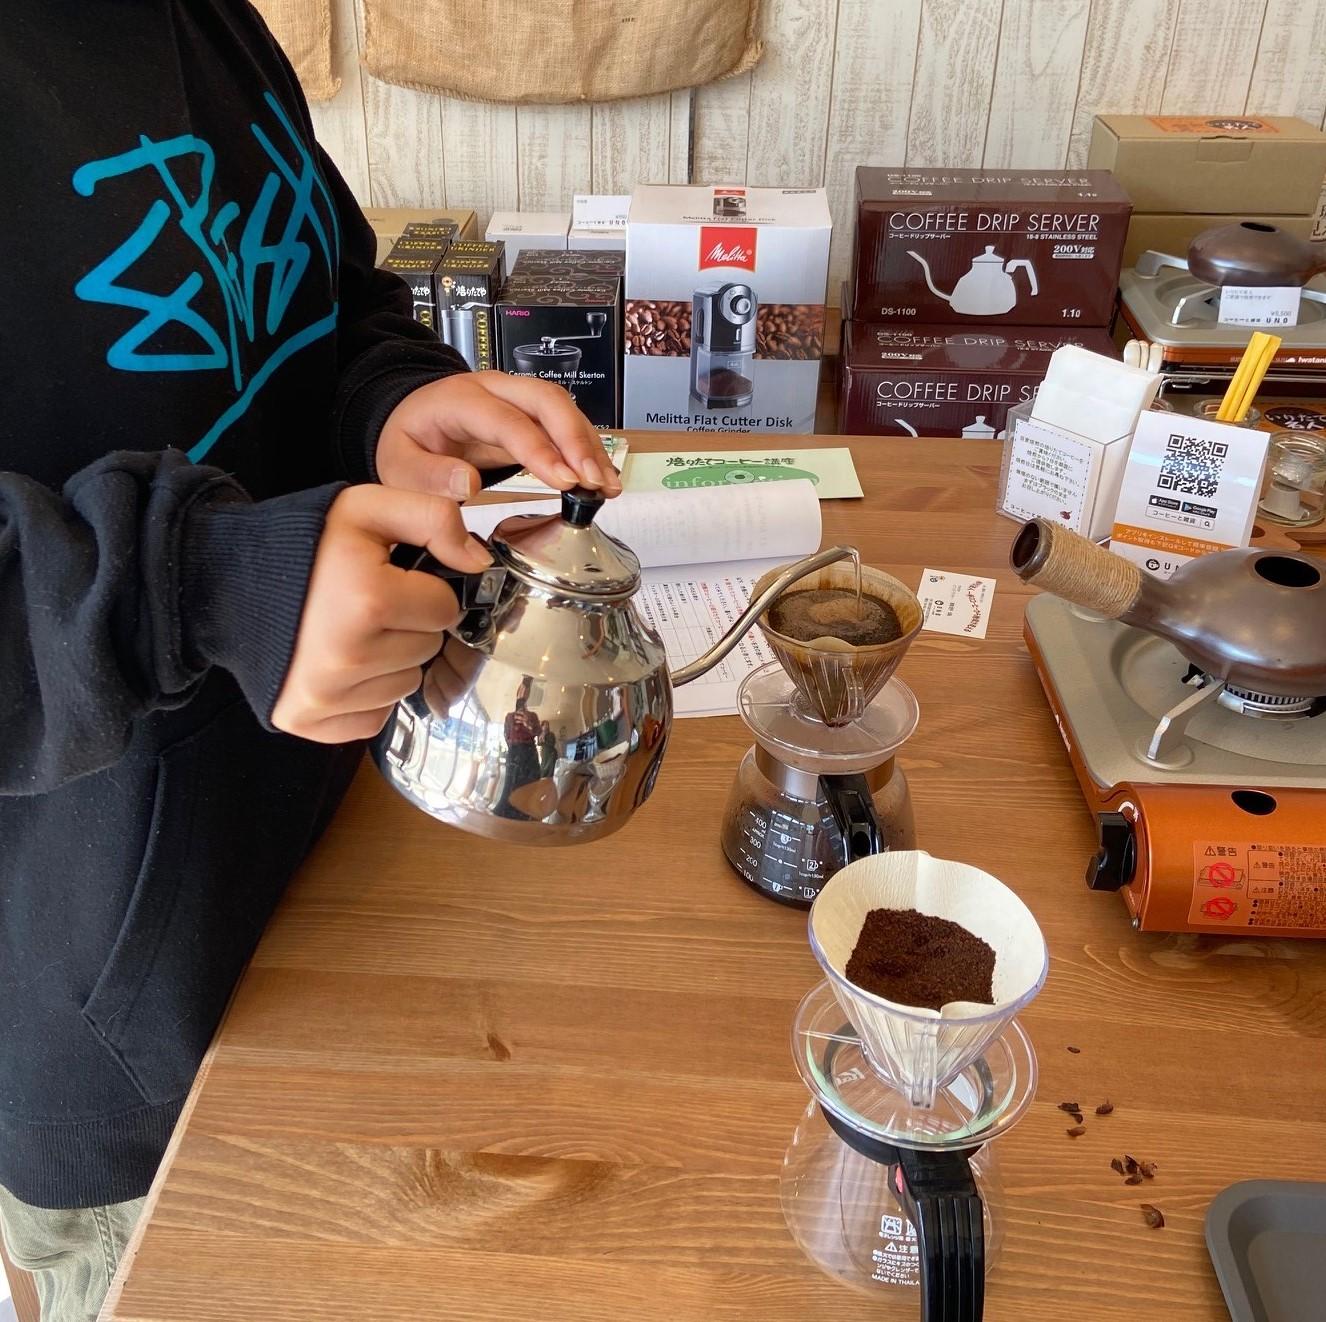 焙煎から始める!コーヒー焙煎教室も好評開催中